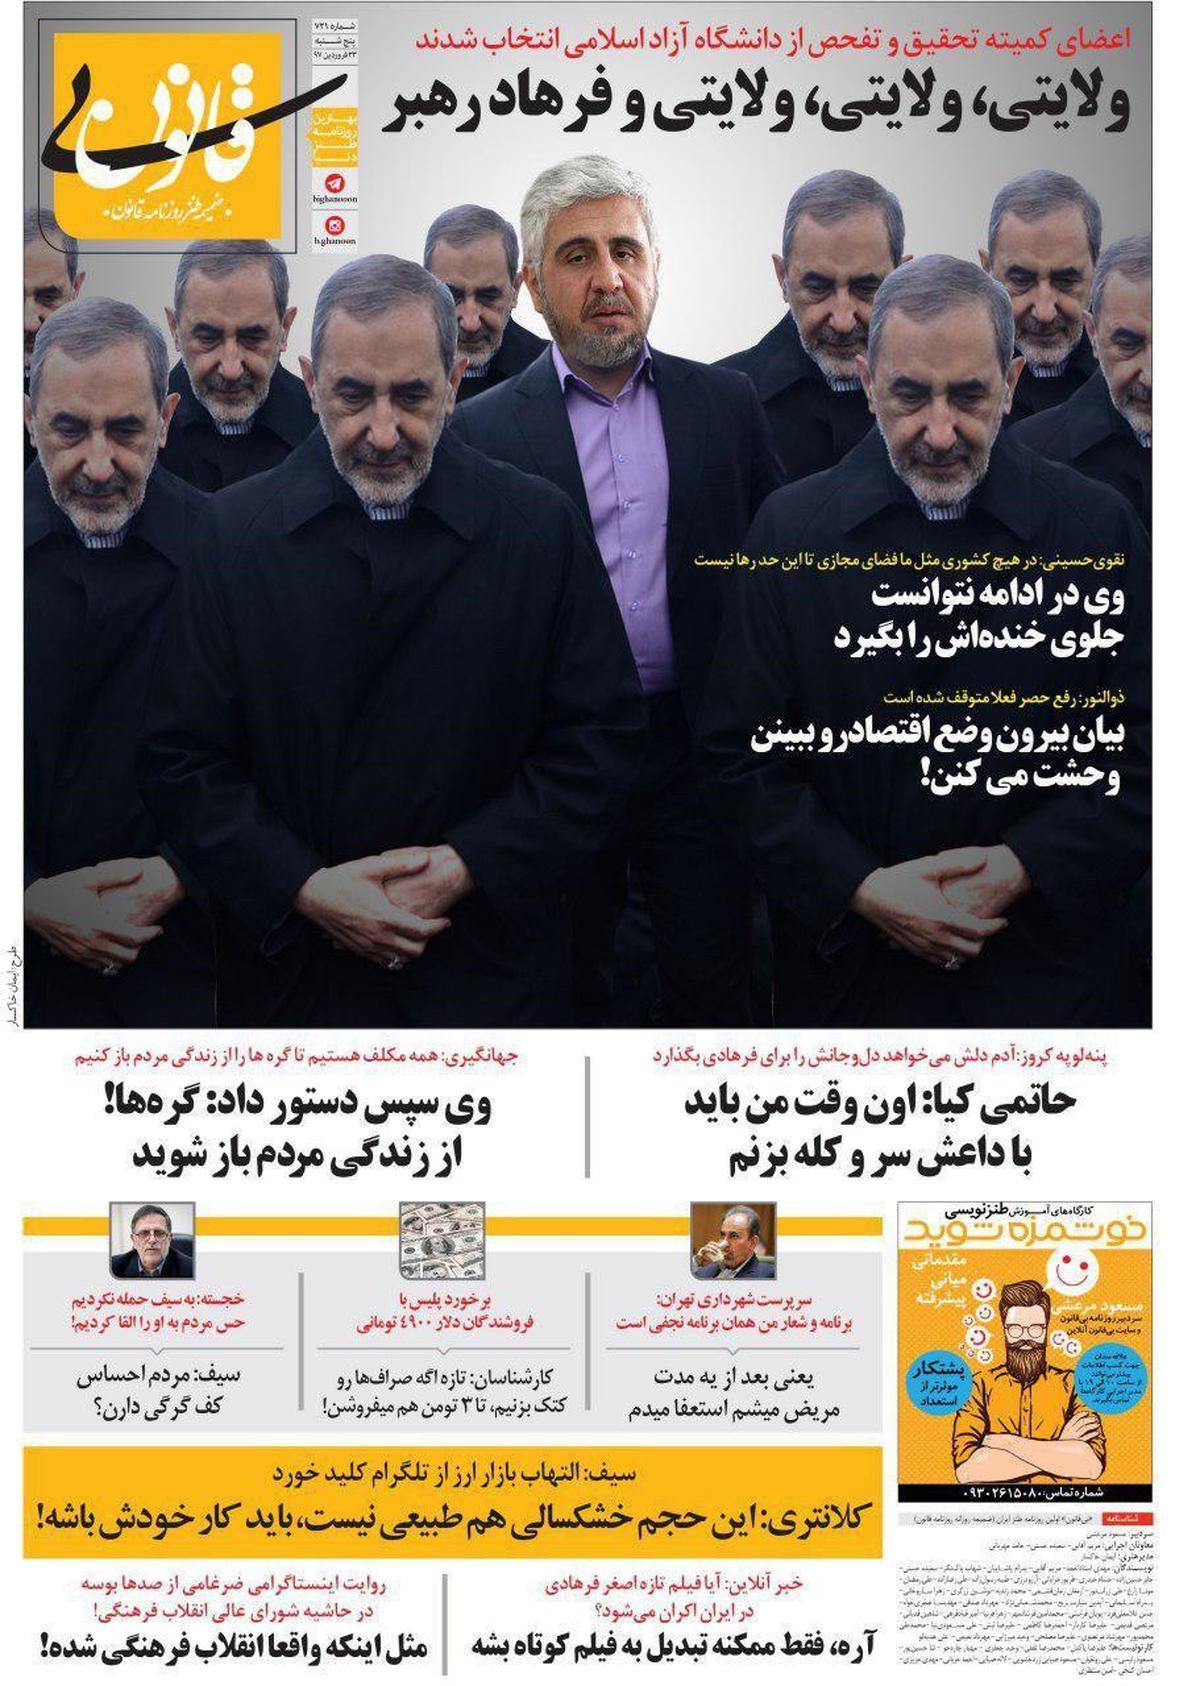 متلک تصویری یک روزنامه به ولایتی، جهانگیری و سیف!